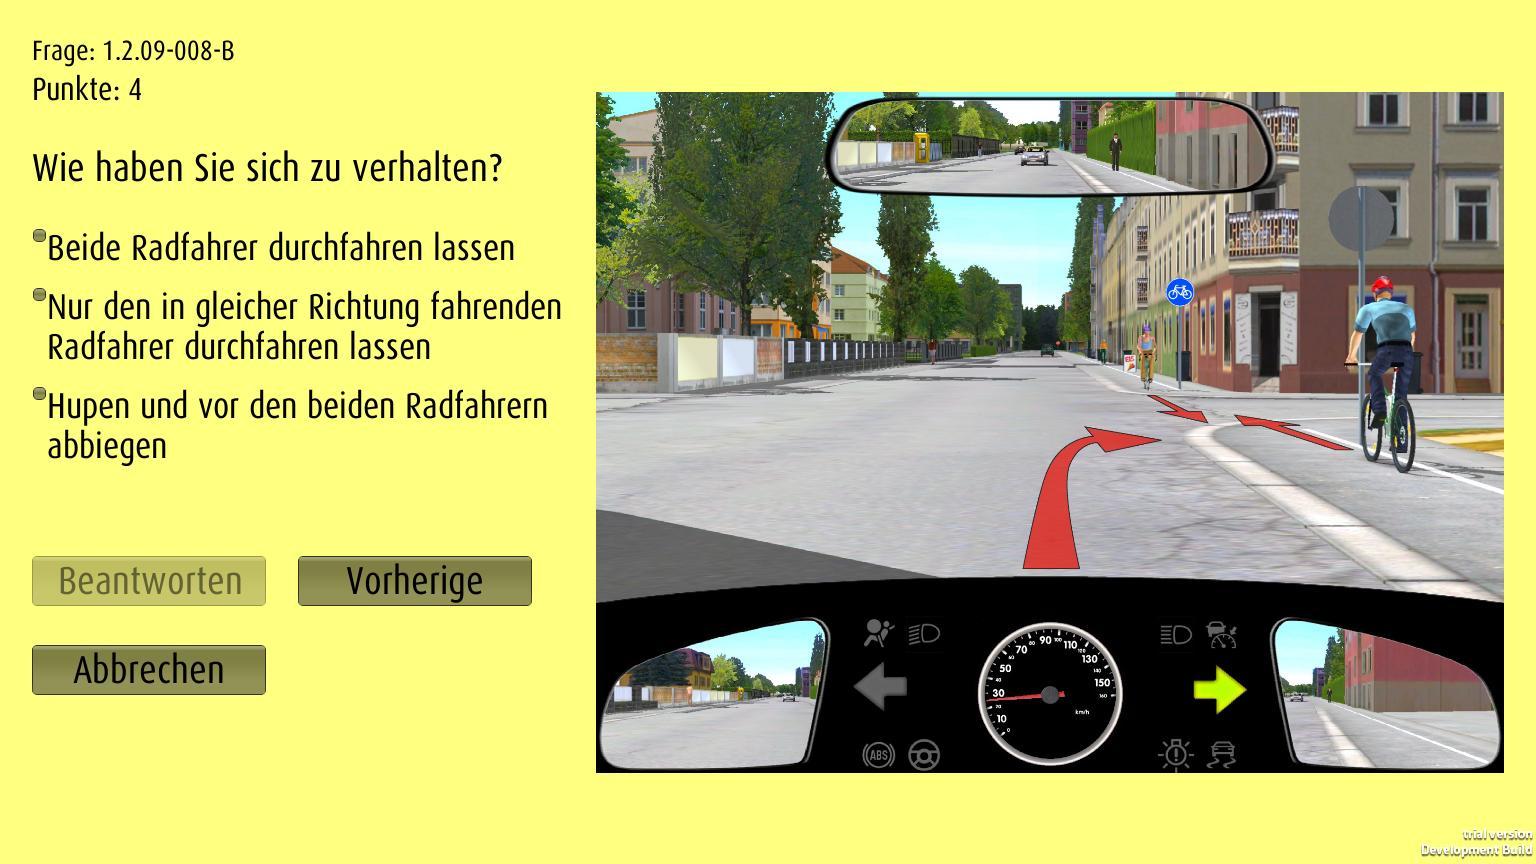 fahrschul simulator online spielen